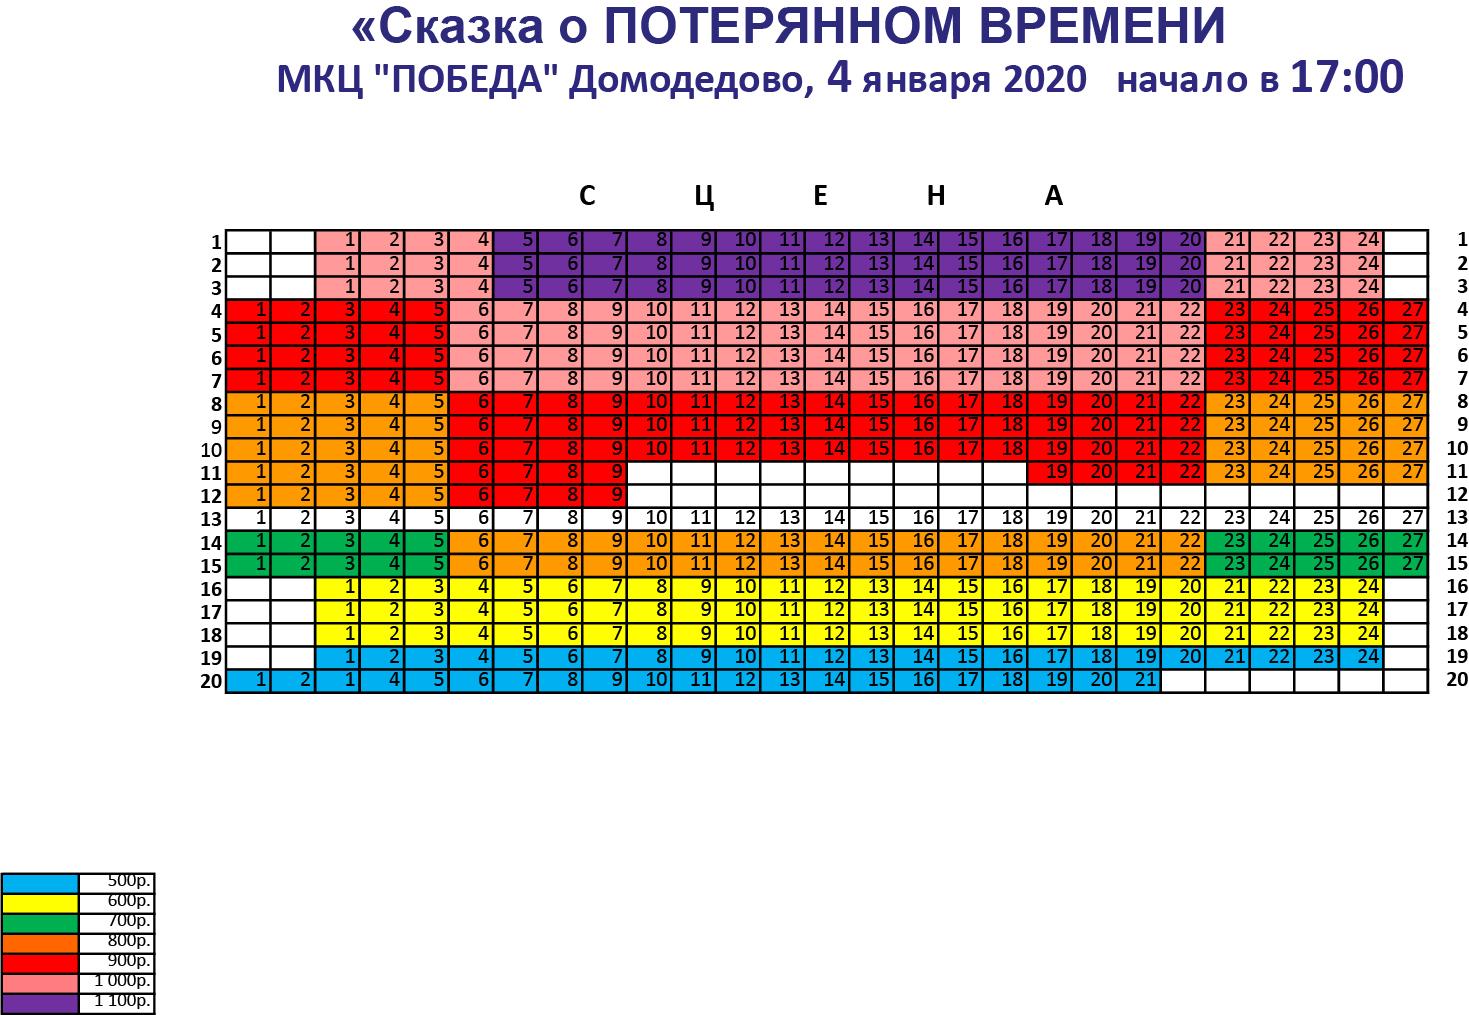 """Схема зала МКЦ """"Победа"""""""